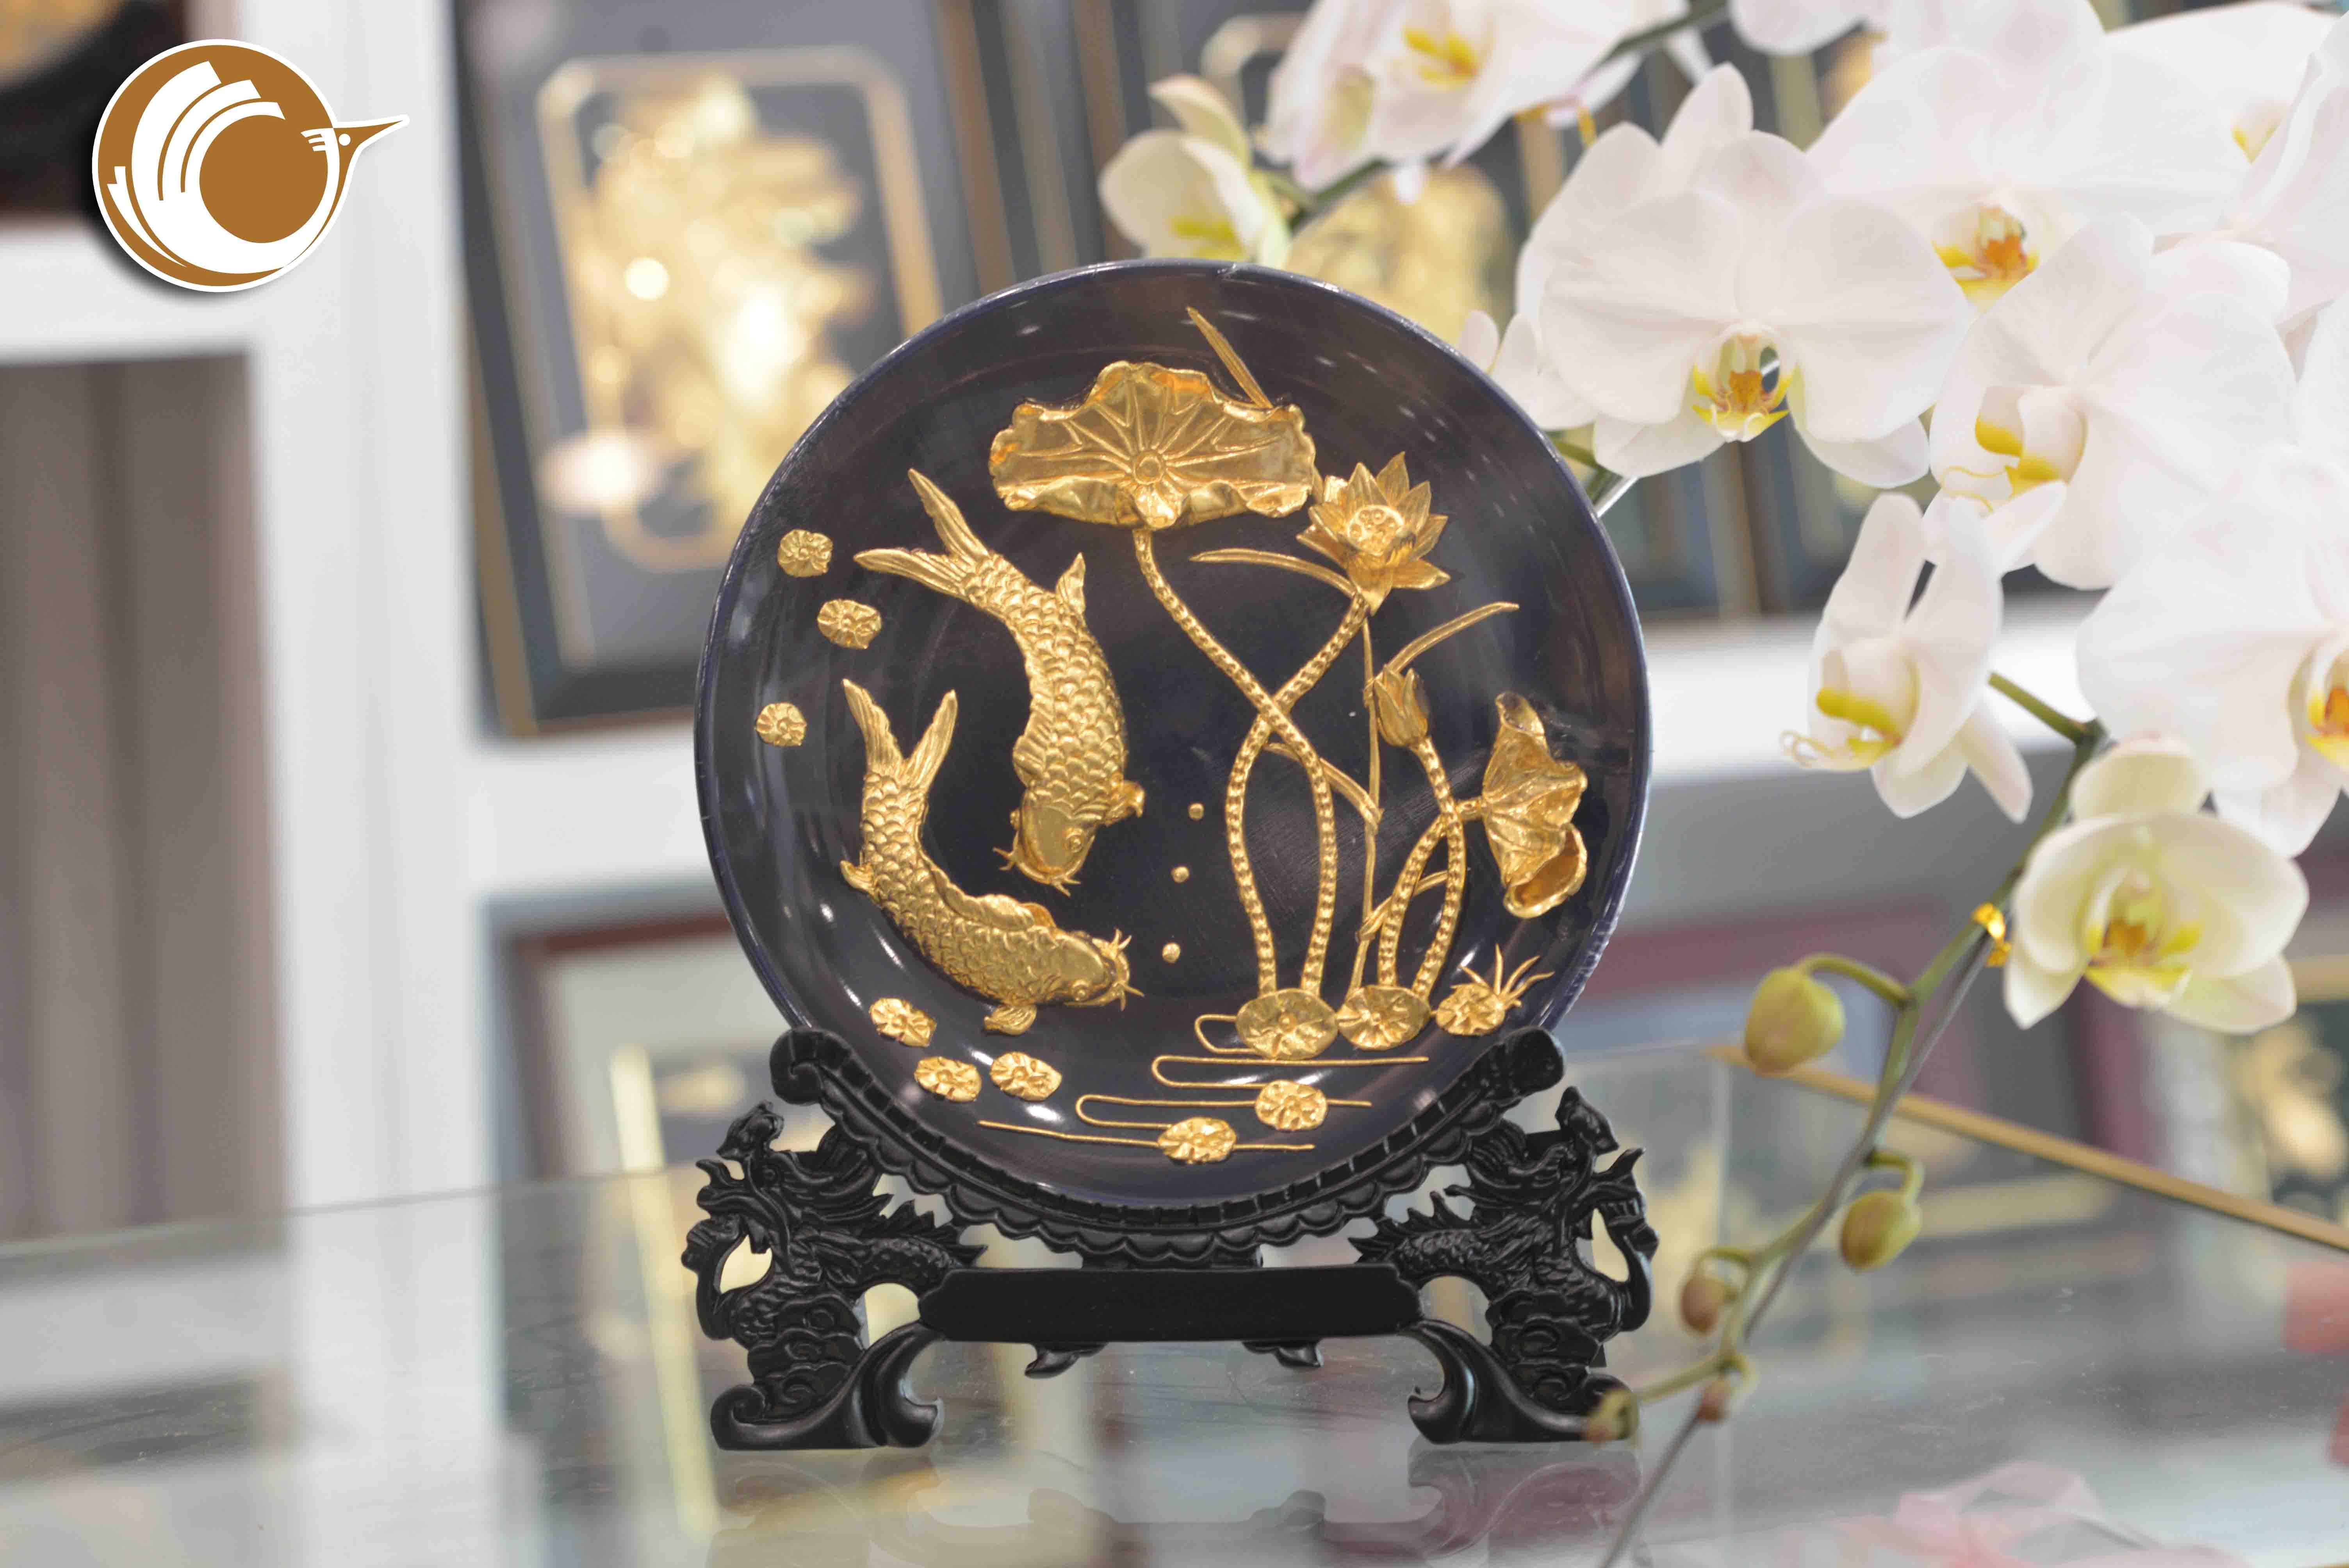 Đĩa tranh cá chép hoa sen mạ vàng 24k- quà tặng đối tác nước ngoài0